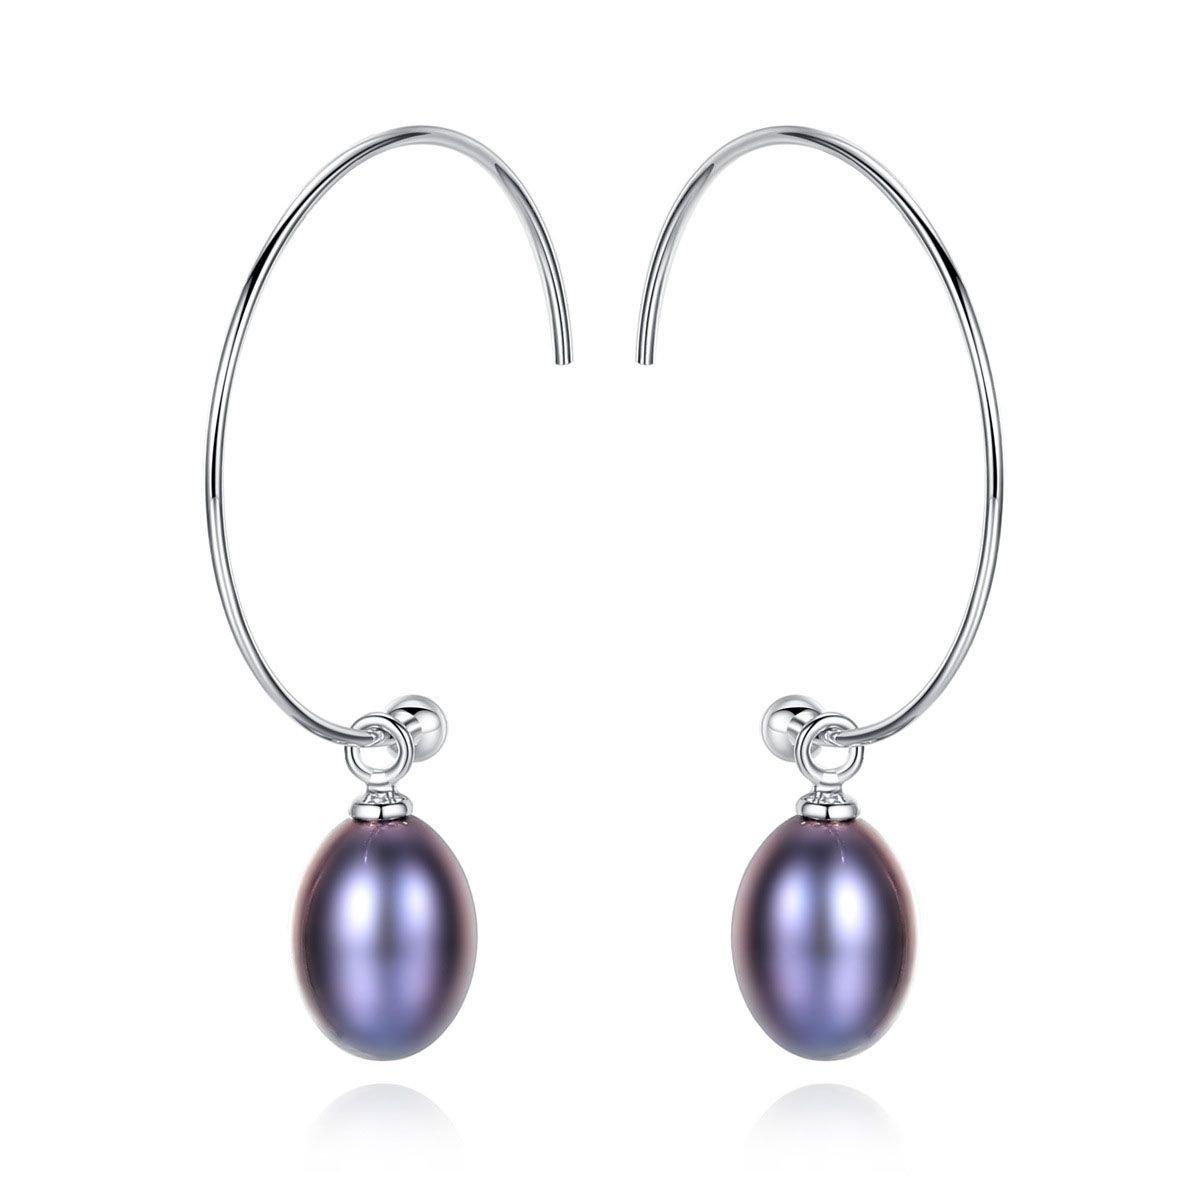 Natural Pearl 925 Sterling Silver Hoop Earrings